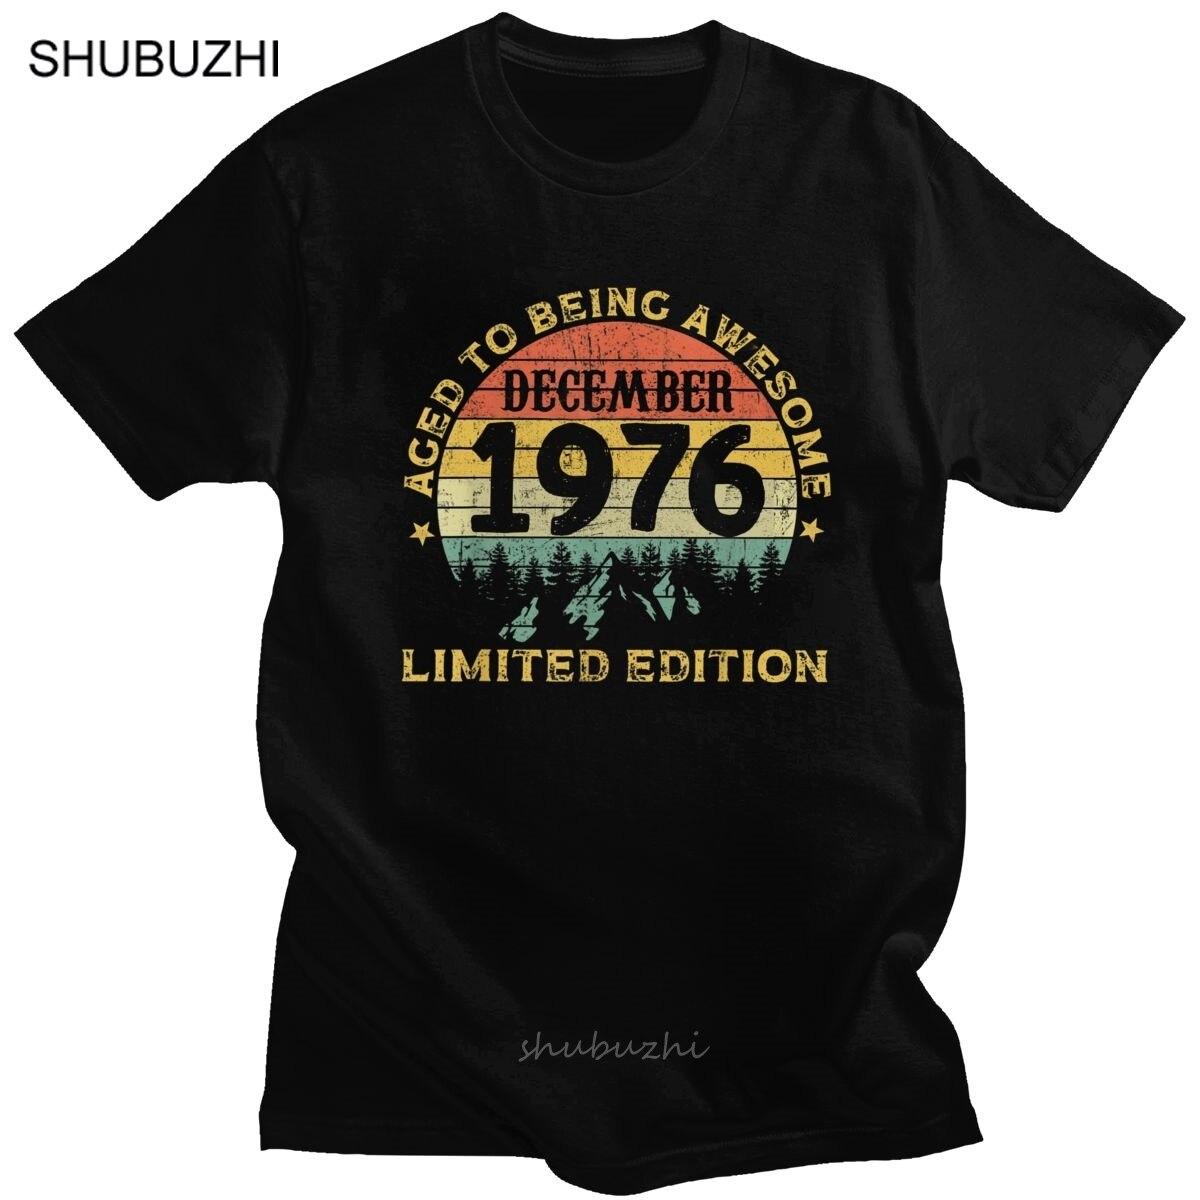 Retro legends impressionante nascido em dezembro 1976 camiseta para homem de manga curta camisa casual 44th presente de aniversário camiseta de algodão topos